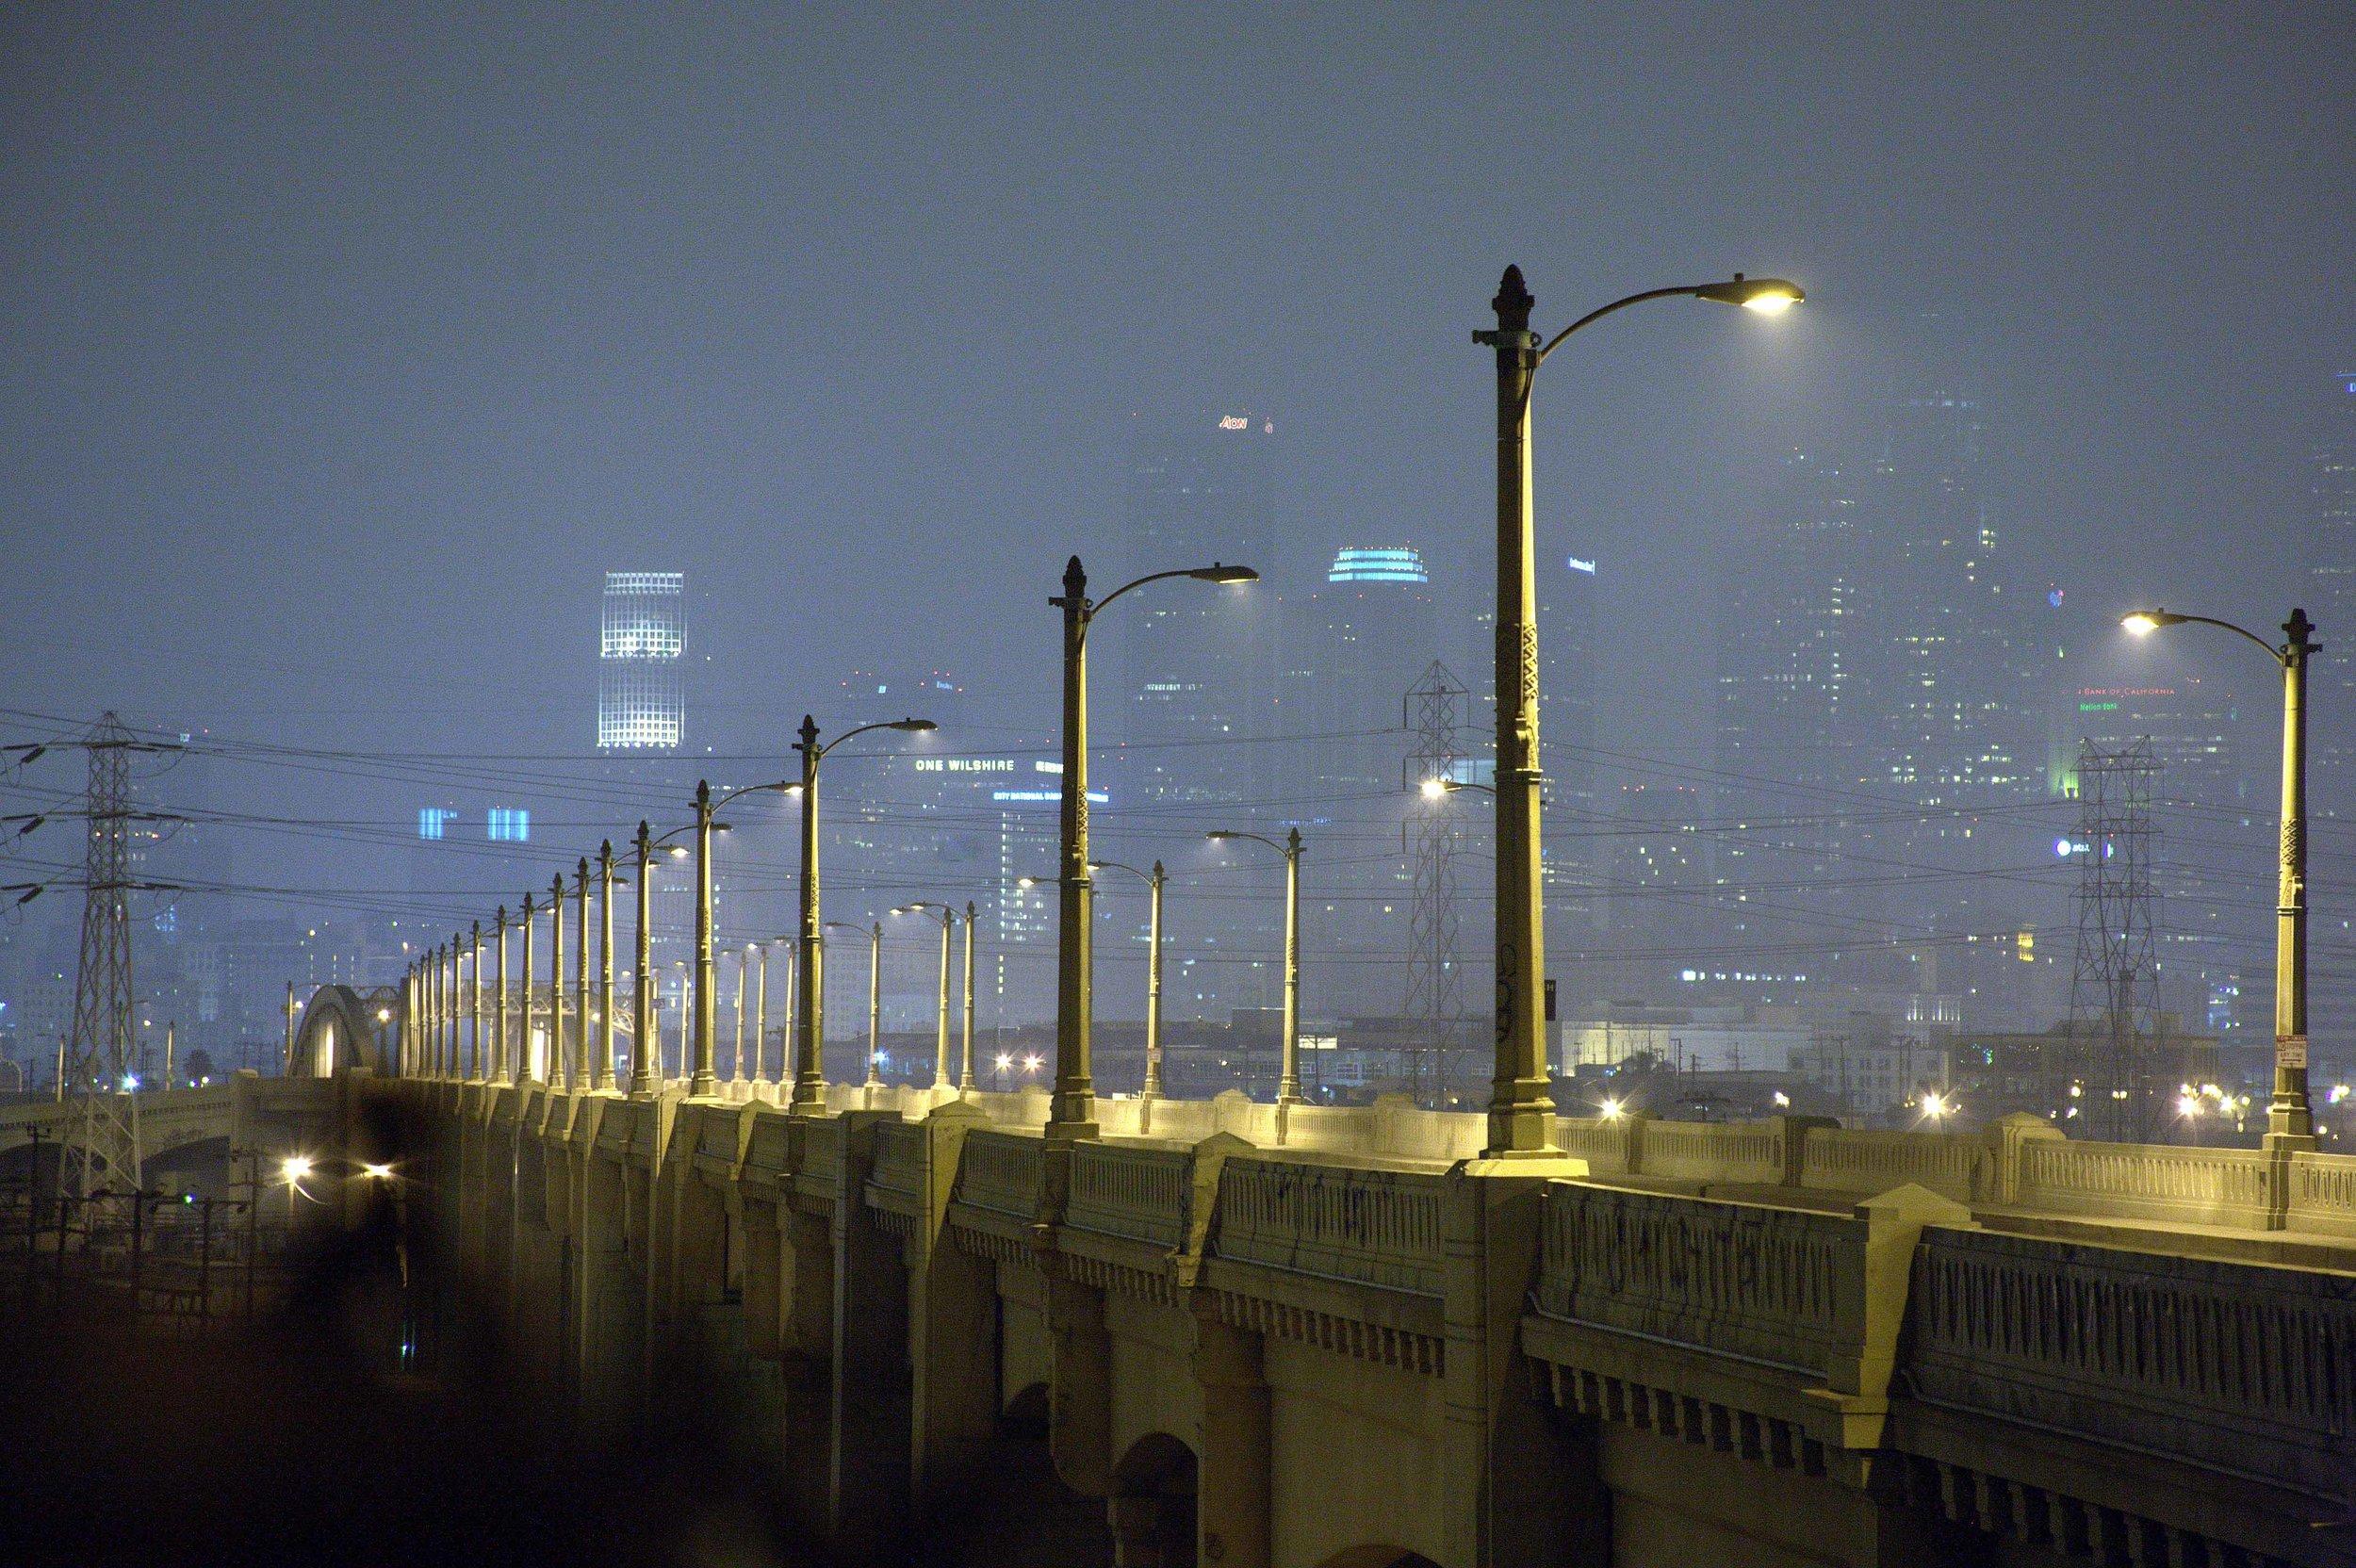 6th_fog_9967.CR2.jpg